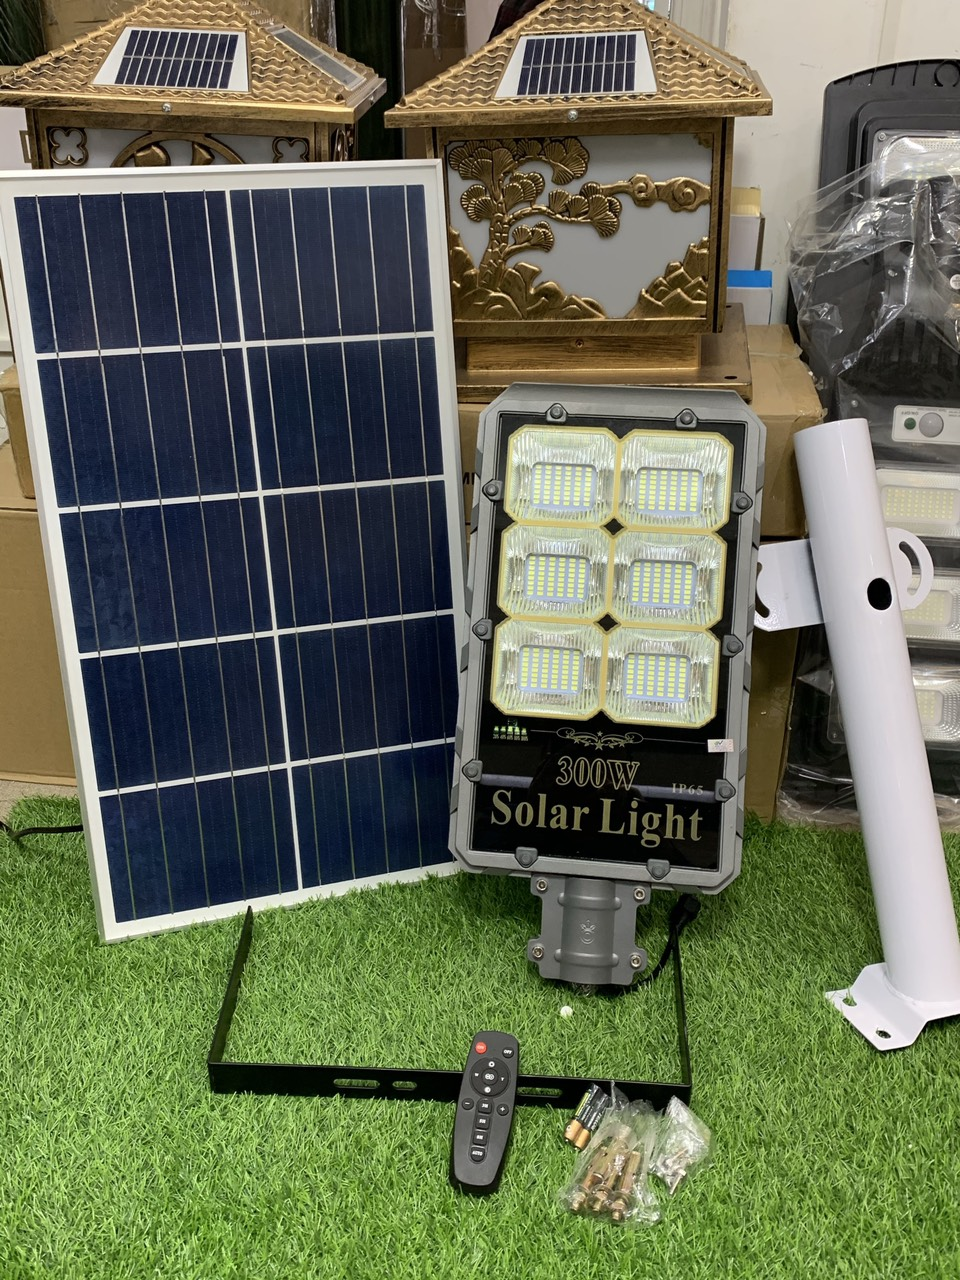 cach-sủ-dụng-den-nang-luọng-mạt-troi-chỉ-3-phut-den-nang-luong-solar-light